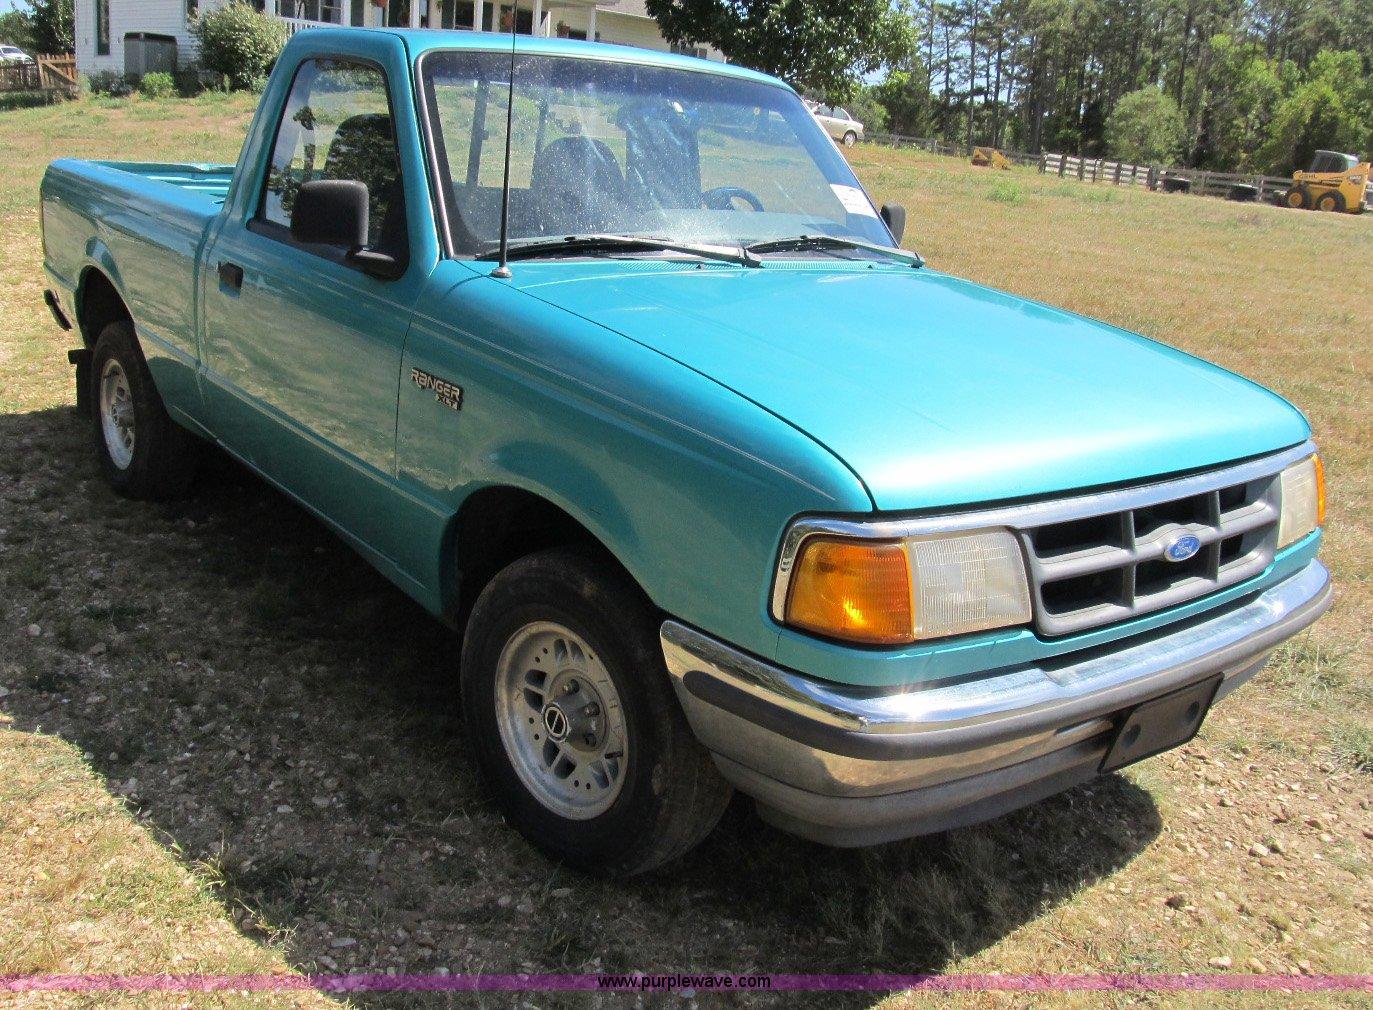 1993 Ford Ranger Xlt Pickup Truck Item B2834 Sold Septe Power Window Motor For Full Size In New